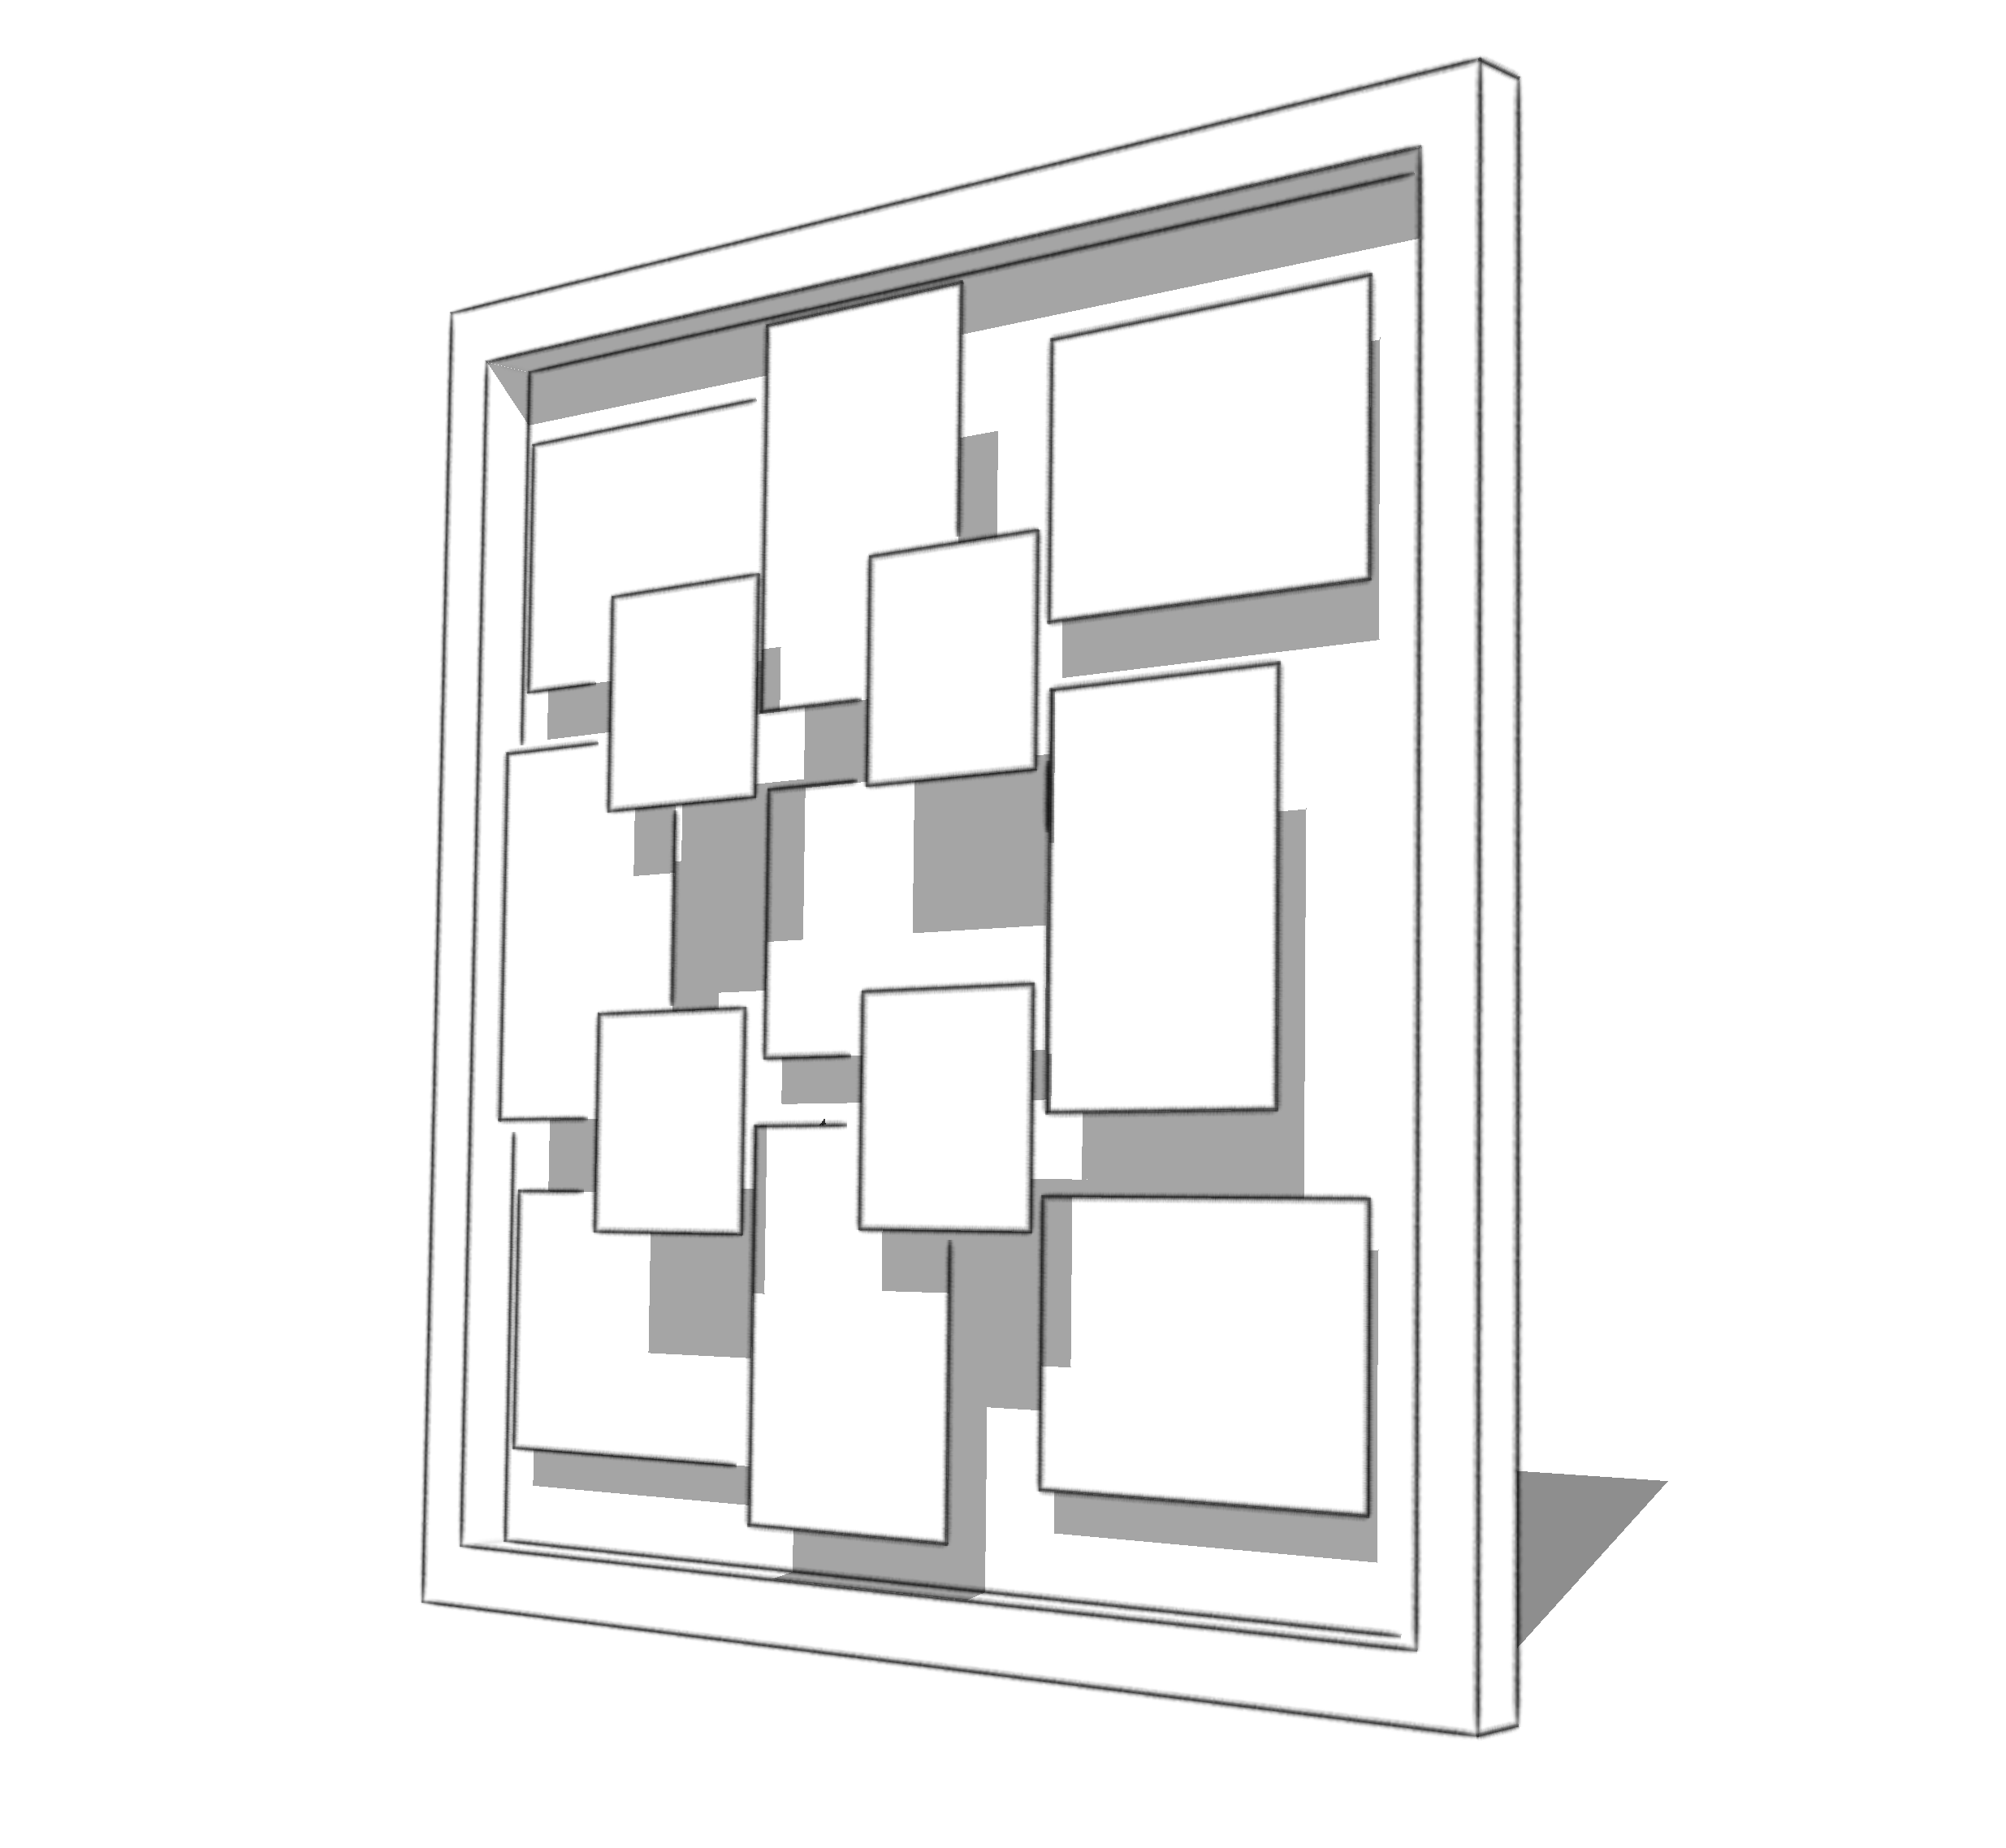 tile installation_sketchy 1